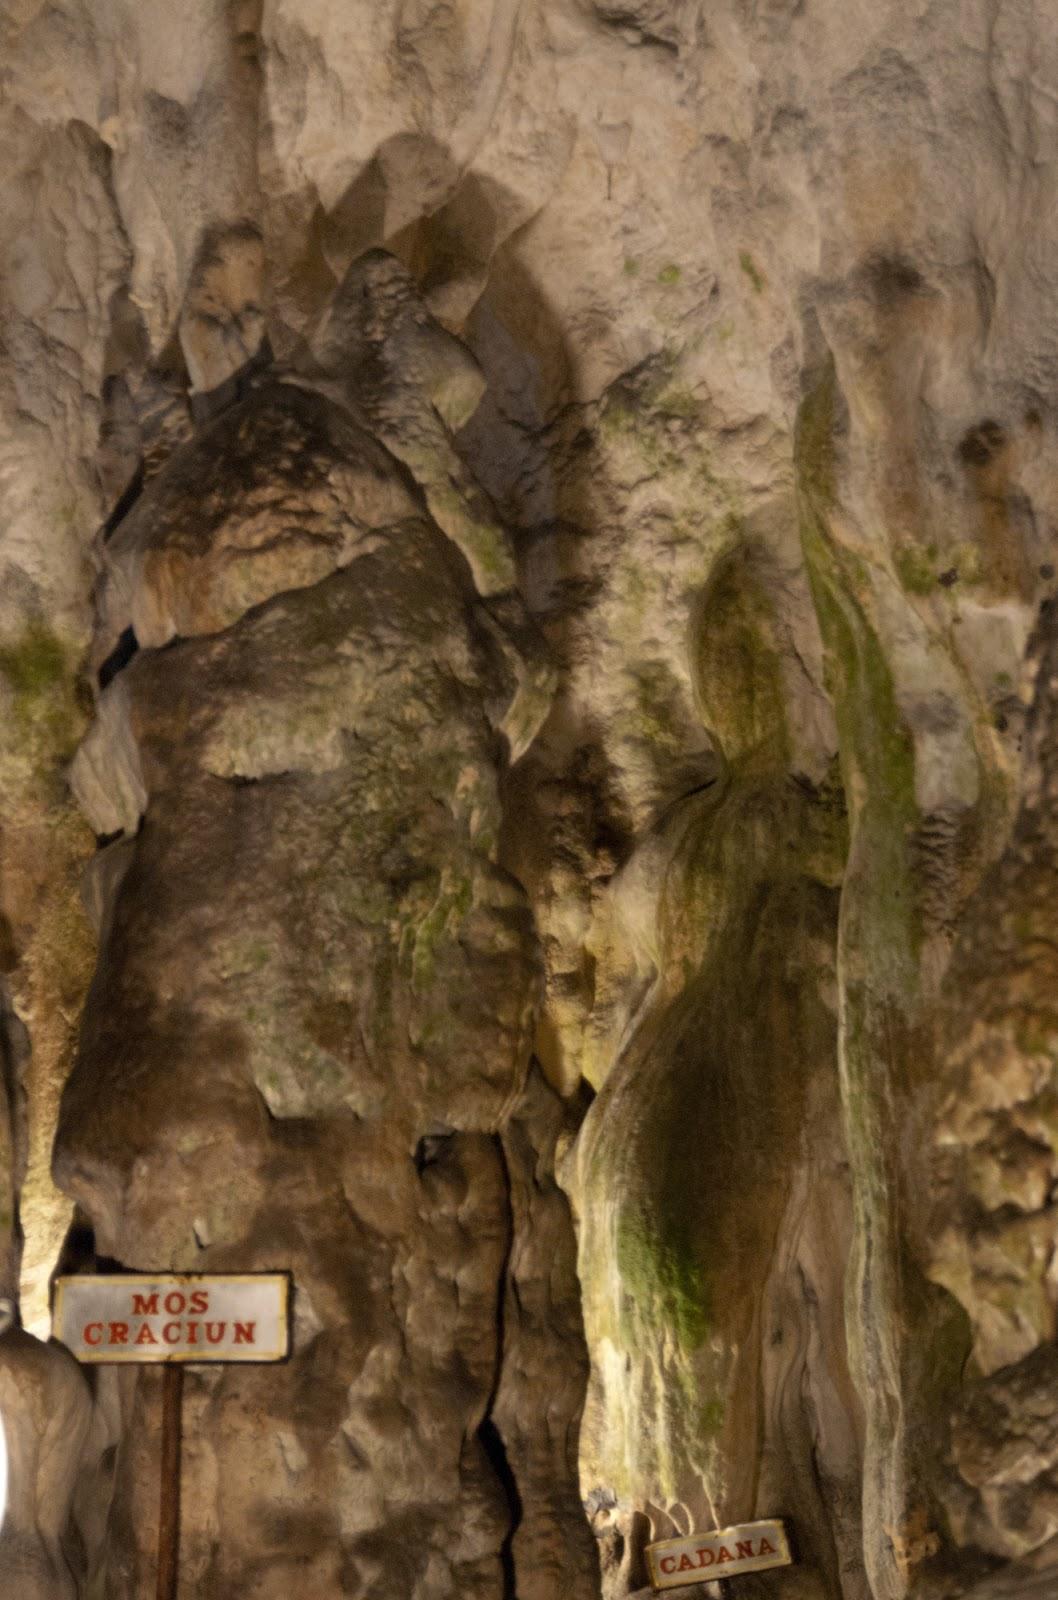 Și o mică bârfă: In Peștera Muierilor Moș Crăciun își dă întâlnire cu cadânele.